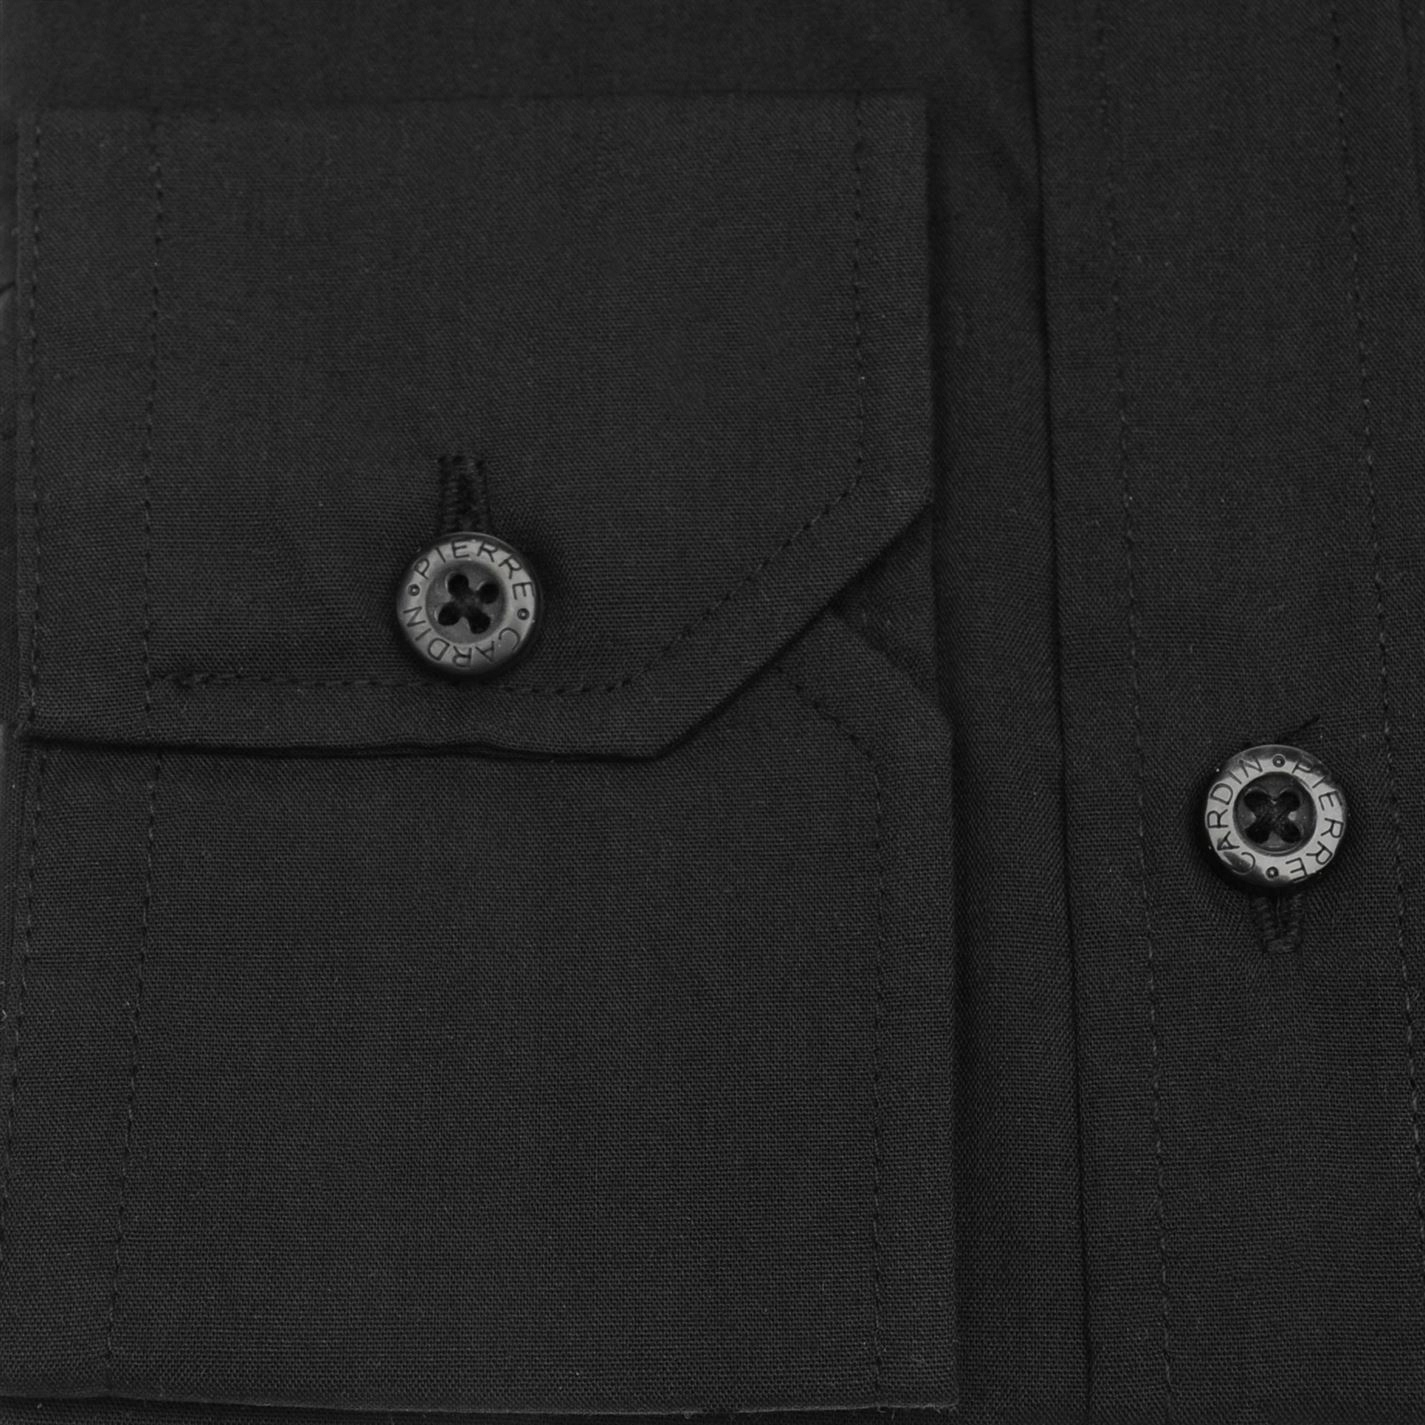 Koszula Pierre Cardin XXL 2XL 43 44cm 17 wzorów 7463762170  F7WYw